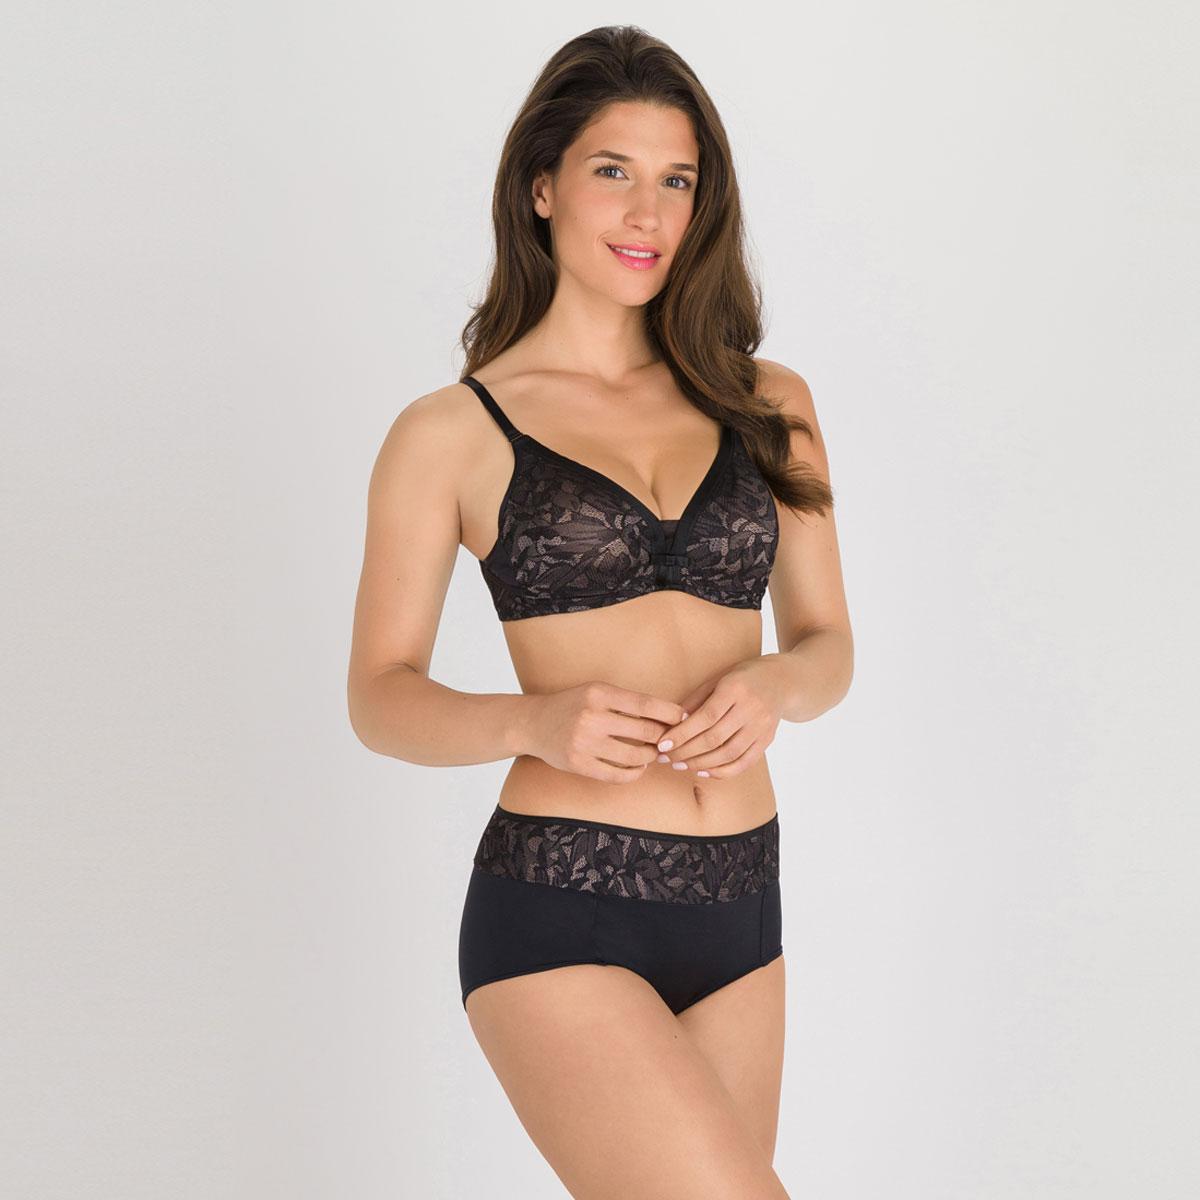 Soutien-gorge emboîtant noir gris - Ideal Beauty Lace-PLAYTEX